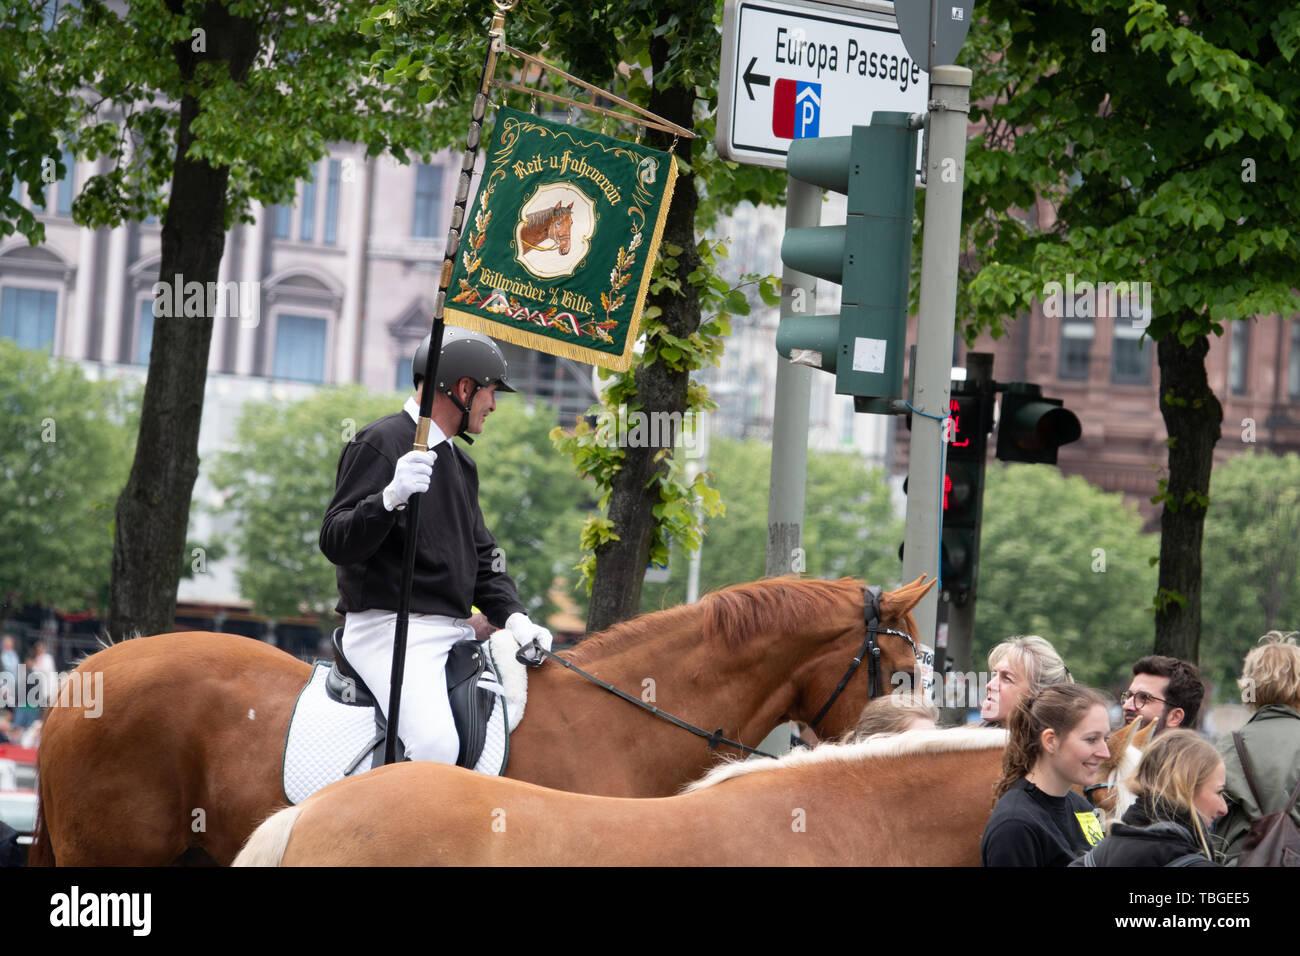 Ein uniformierter Reiter Holding eine Fahne in der Hand führt eine Parade Stockfoto